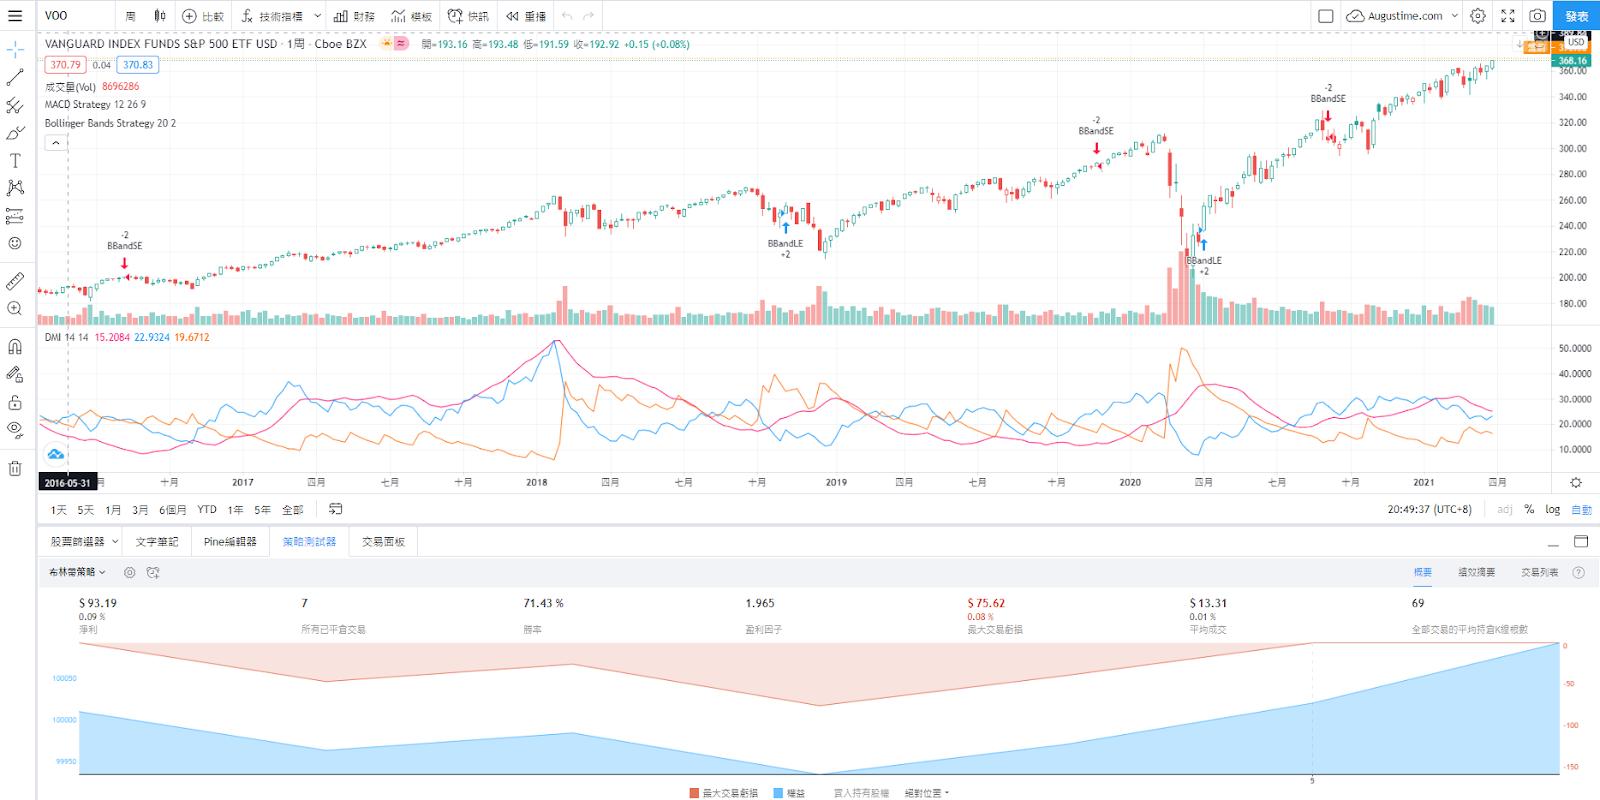 美股VOO股價即時走勢與K線圖